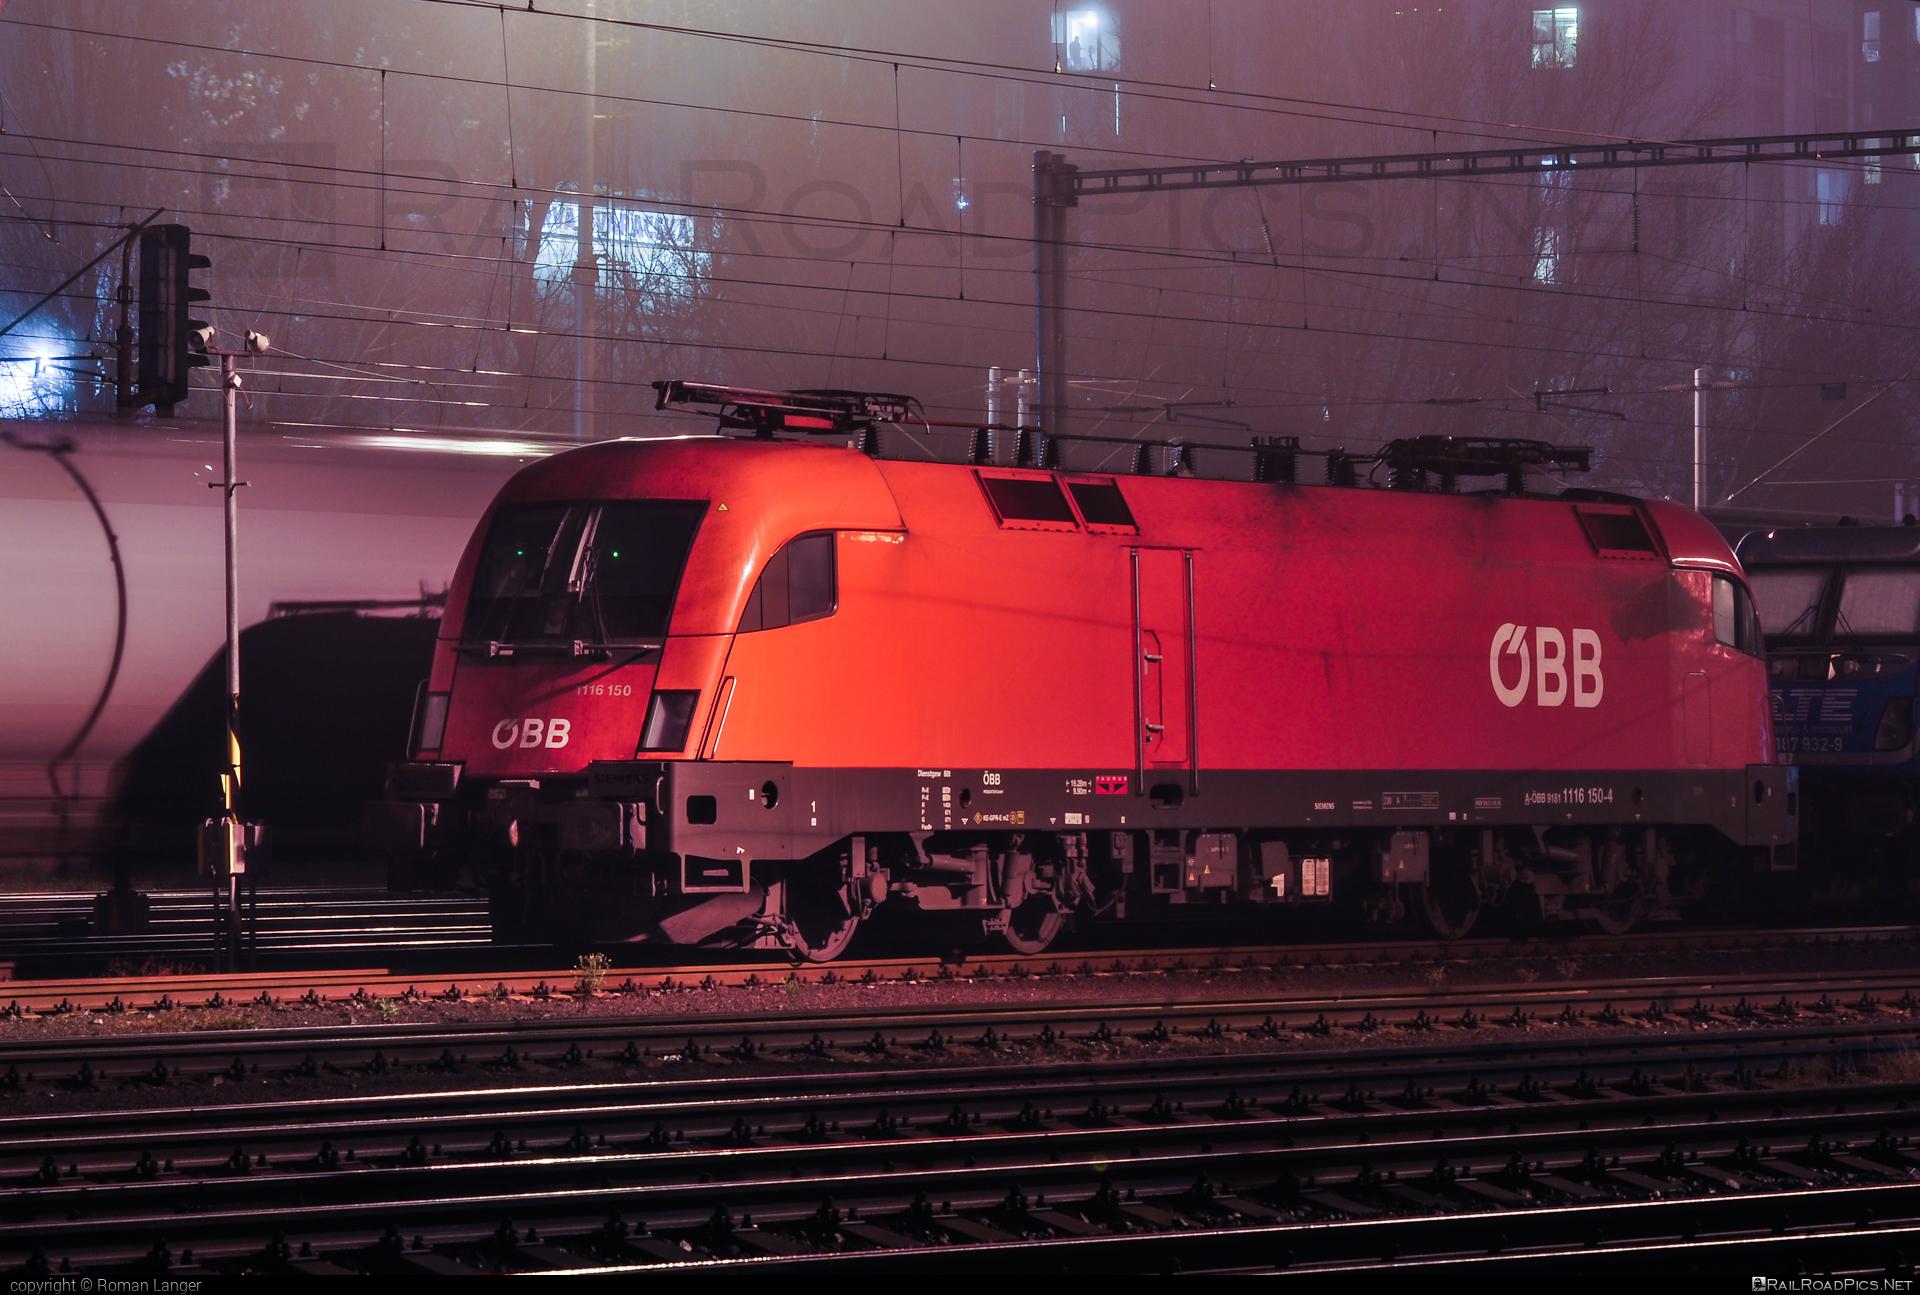 Siemens ES 64 U2 - 1116 150 operated by Rail Cargo Austria AG #es64 #es64u #es64u2 #eurosprinter #obb #osterreichischebundesbahnen #rcw #siemens #siemenses64 #siemenses64u #siemenses64u2 #siemenstaurus #taurus #tauruslocomotive